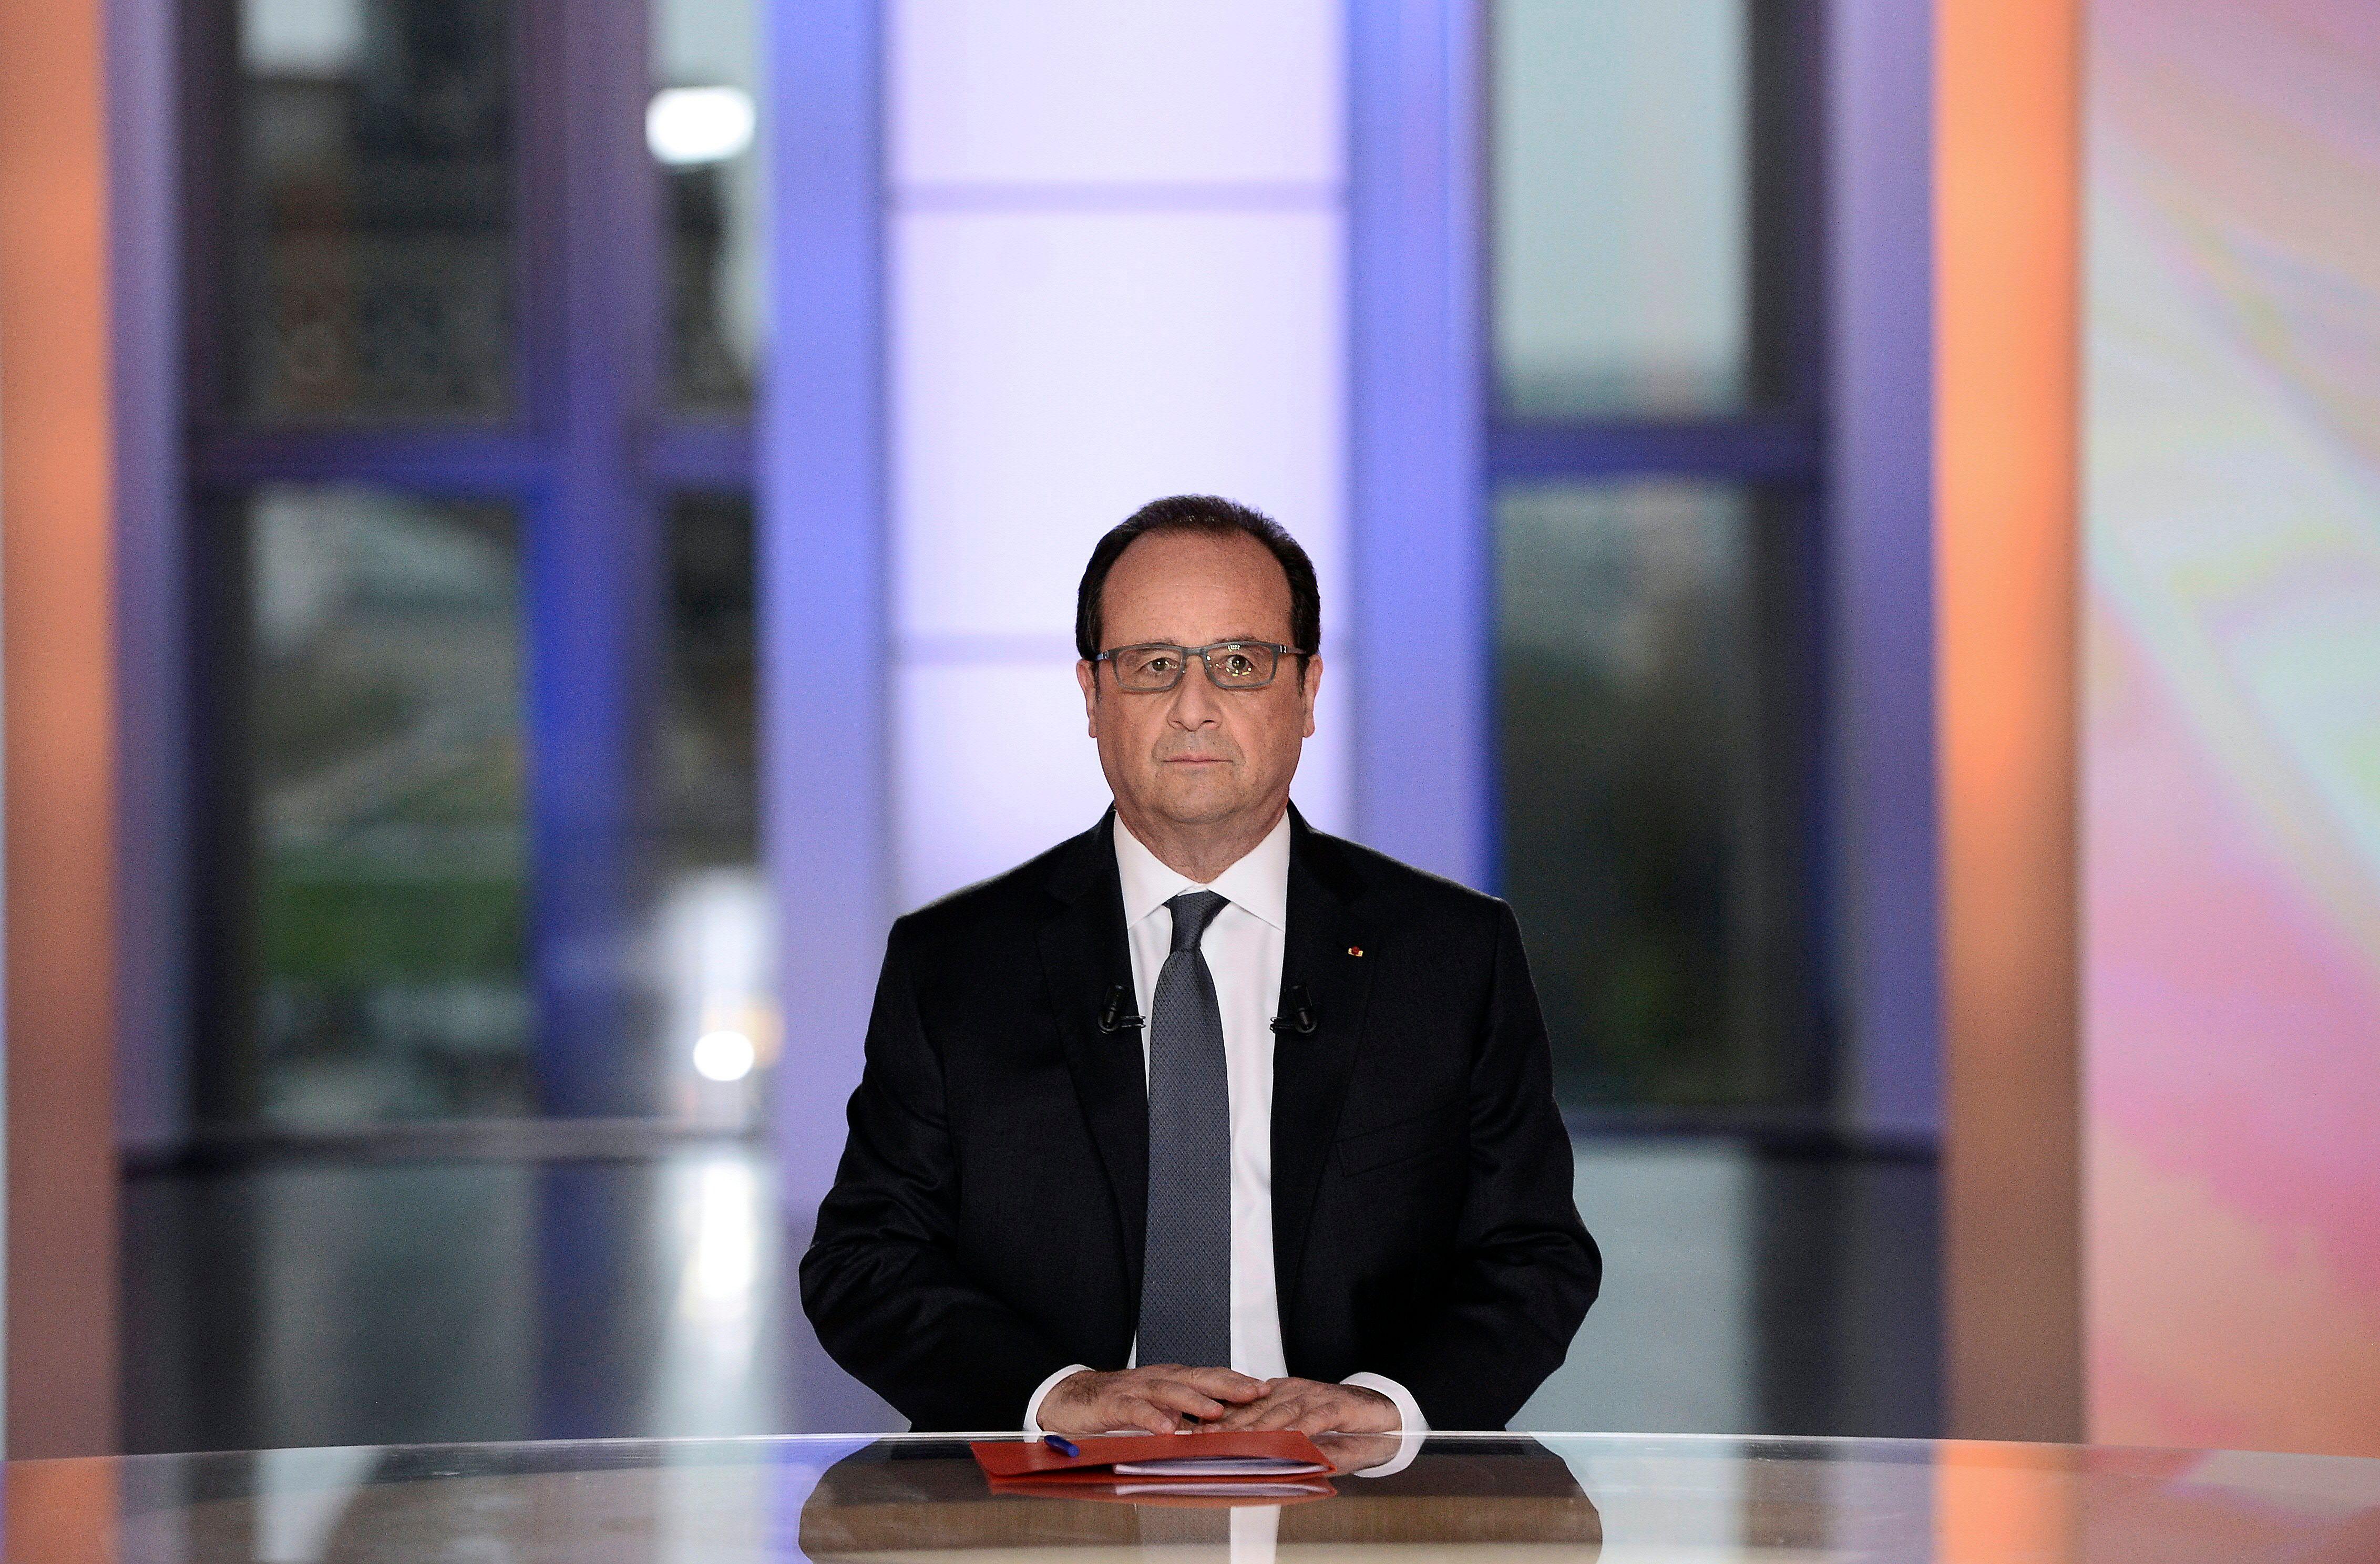 Mais puisque les sondages et toute la gauche vous répètent qu'il est fini… François Hollande saura-t-il encore une fois faire mentir ceux qui n'ont cessé de penser qu'il était un gros nul?